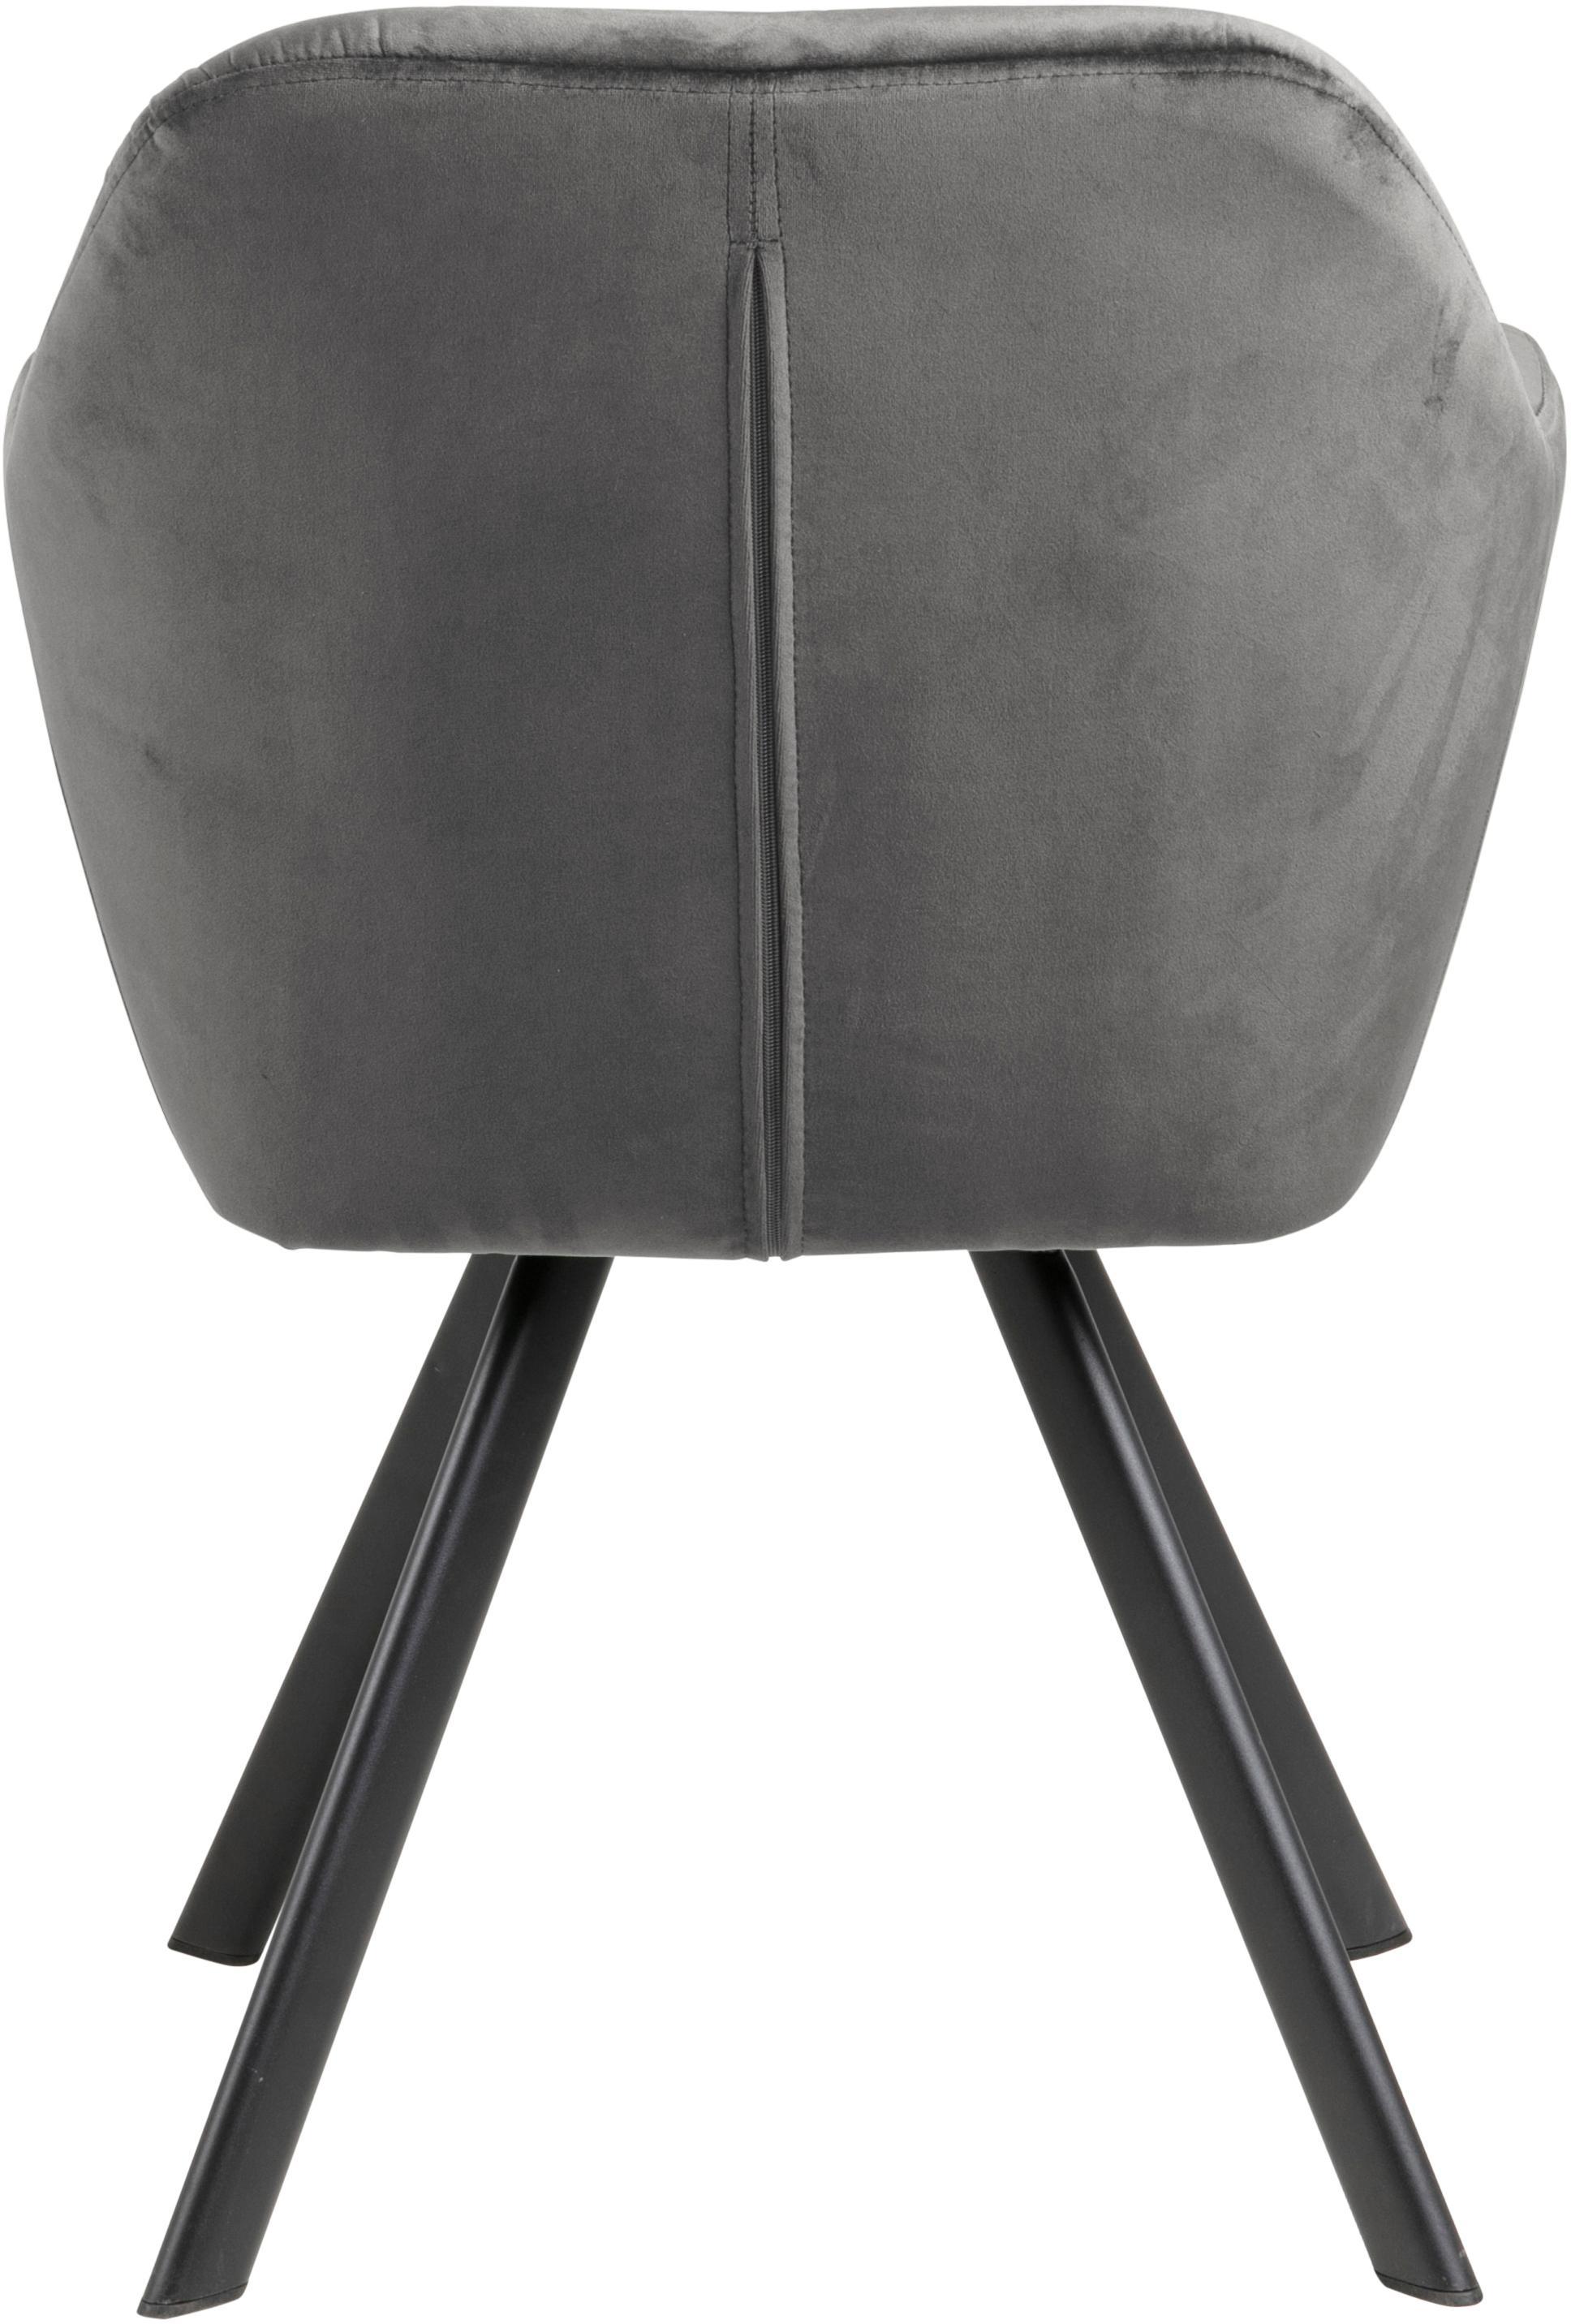 Chaise pivotante à accoudoirs Lucie, Gris foncé, noir